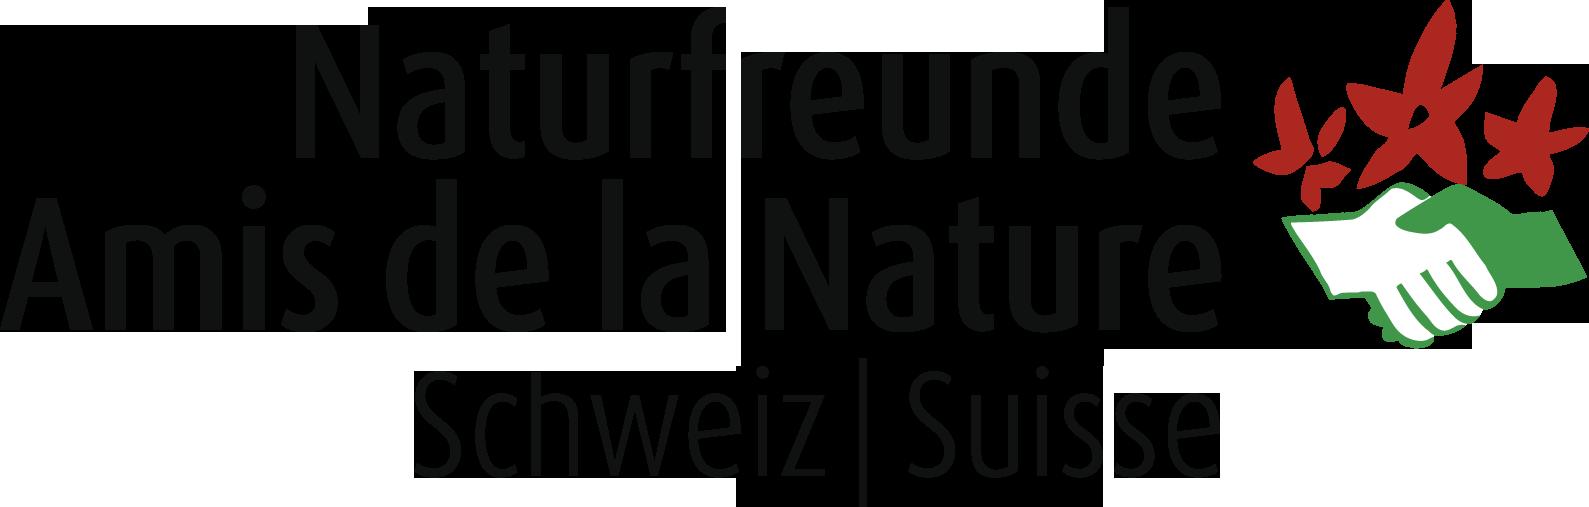 Naturfreunde Schweiz